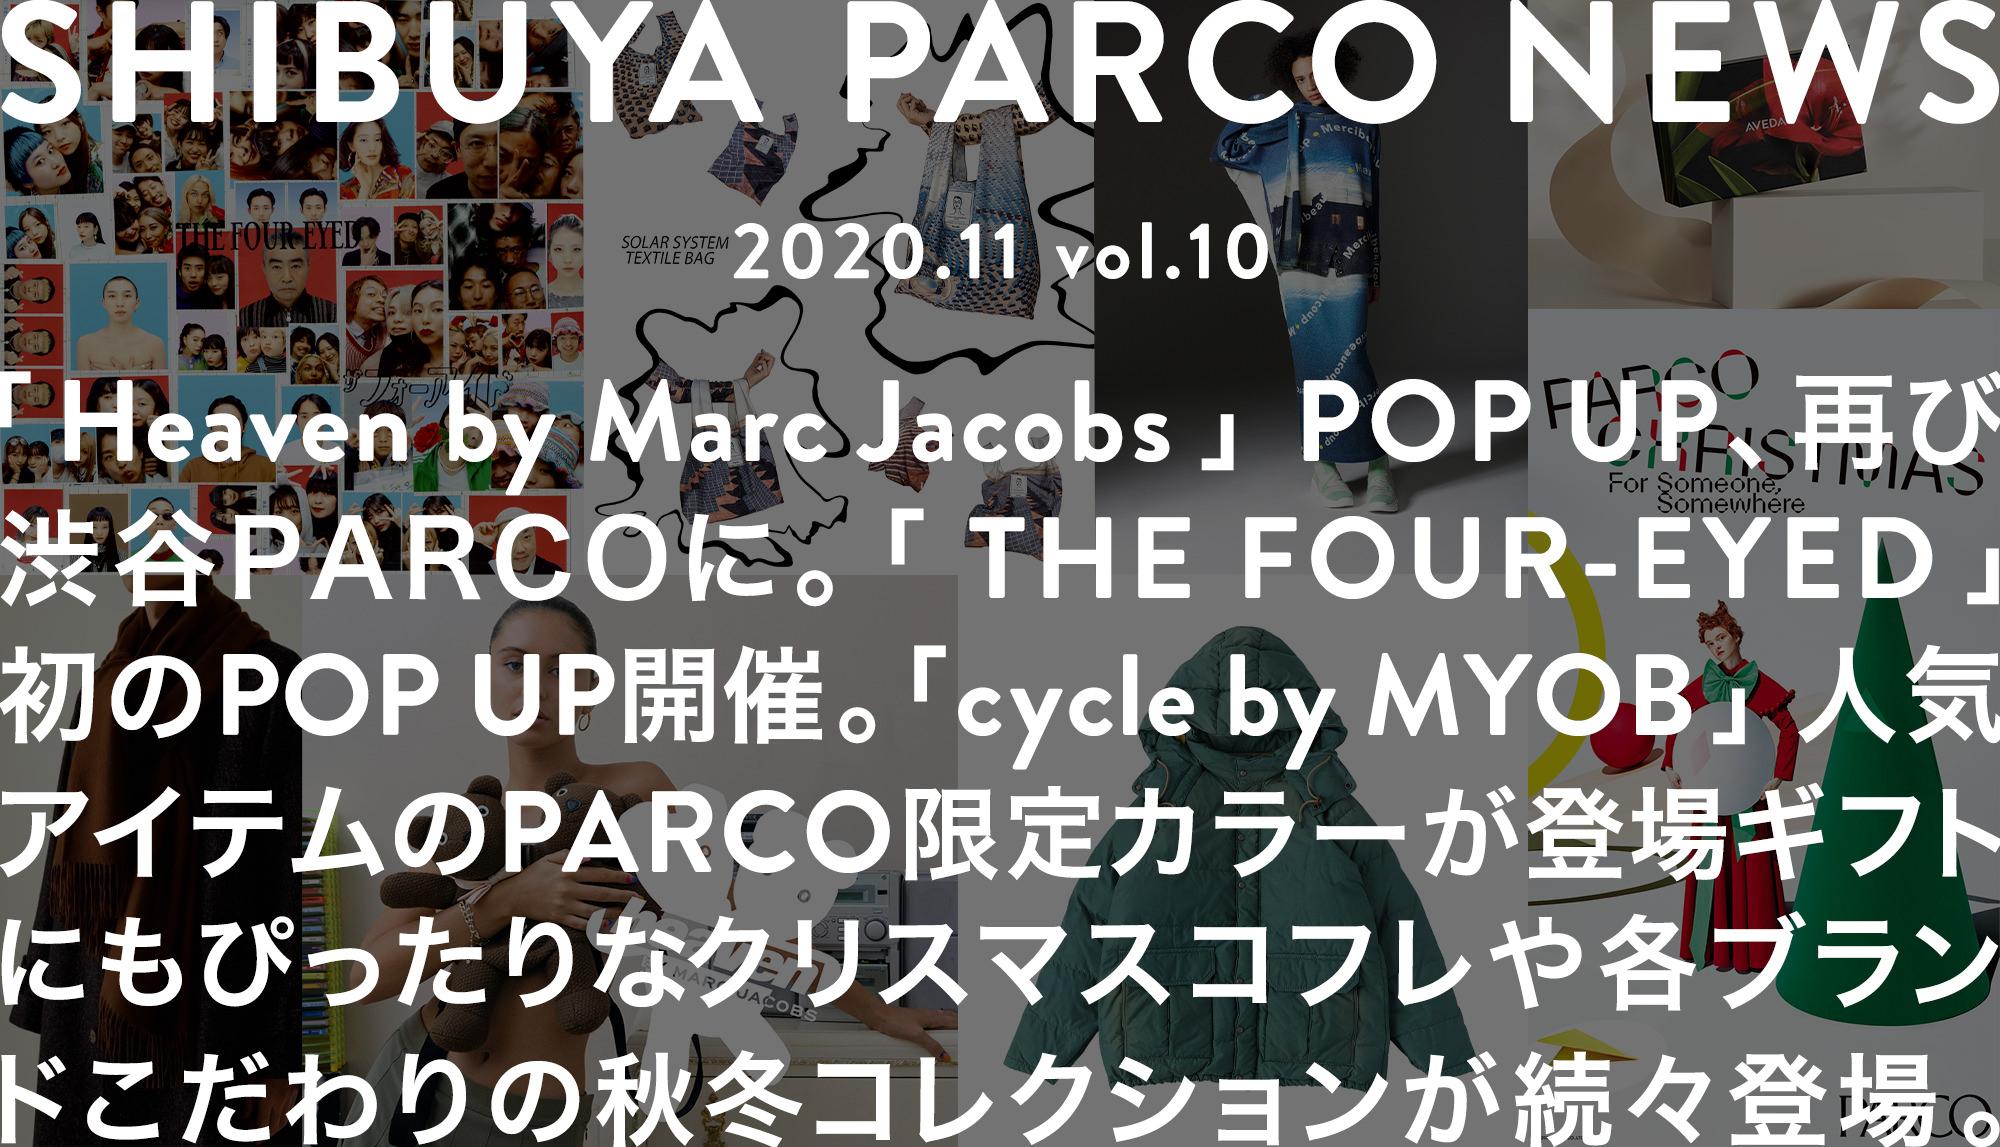 SHIBUYA PARCO NEWS ―2020.11― vol.10